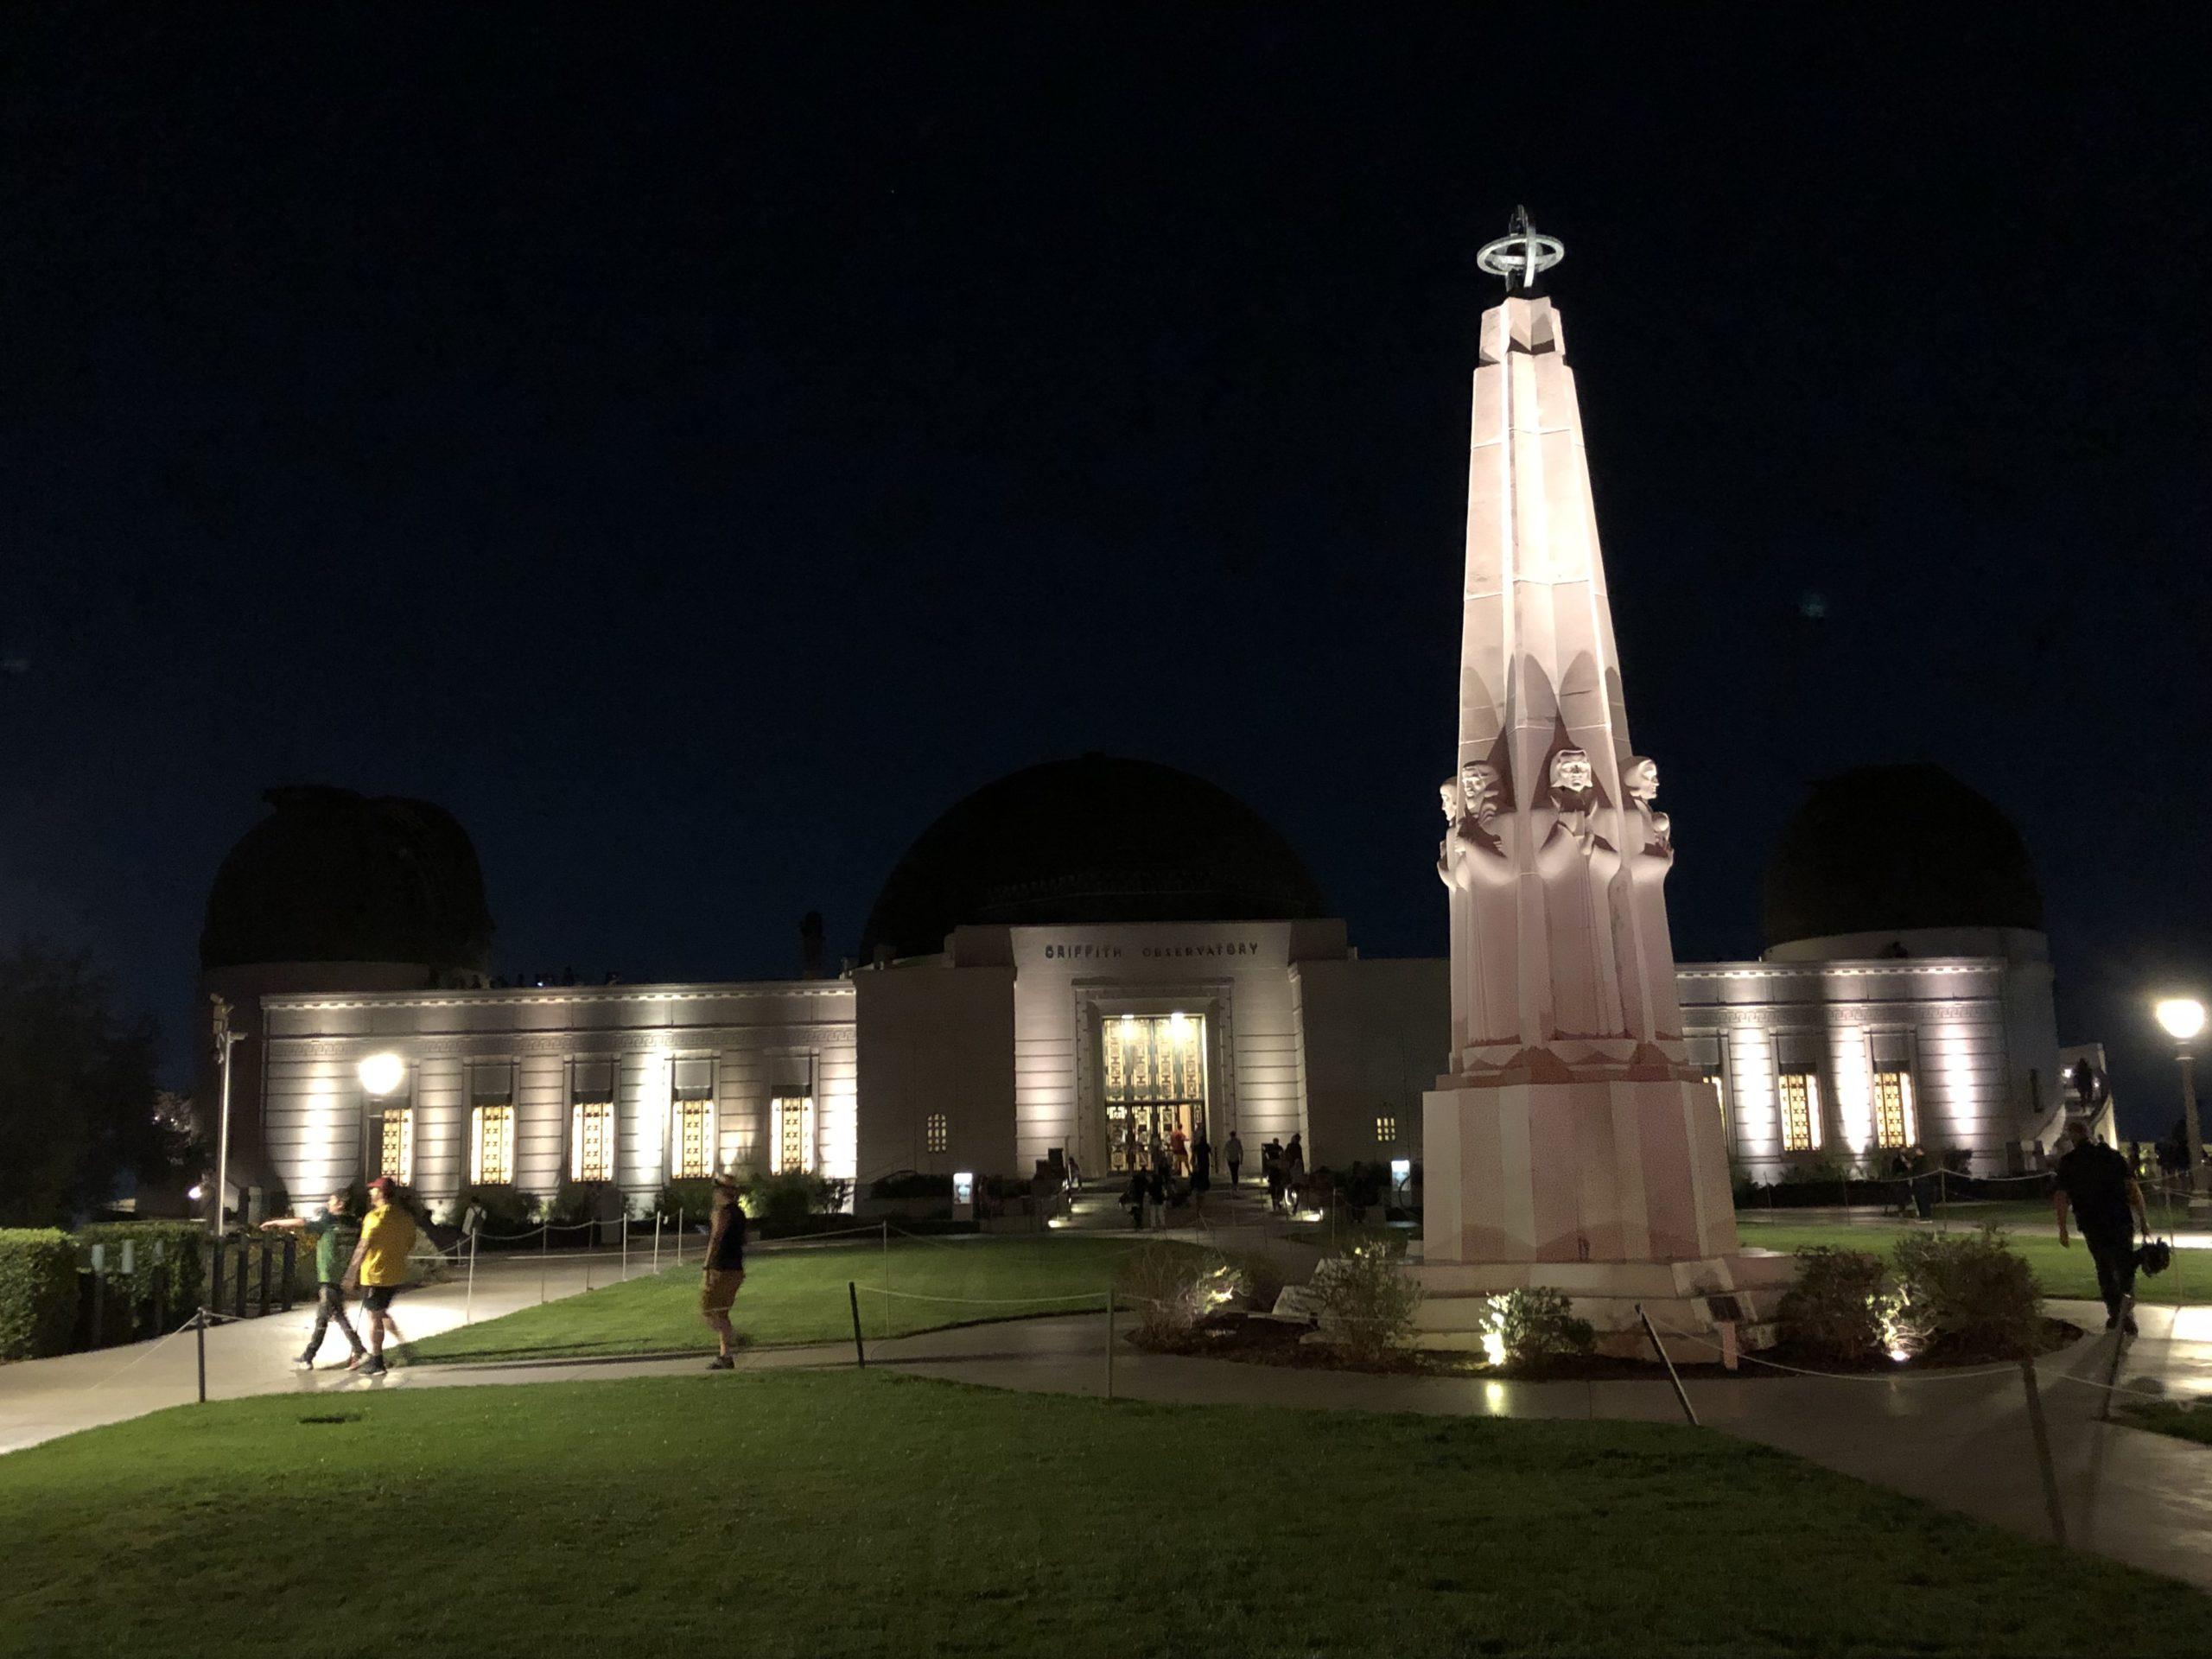 ラ・ラ・ランドも撮影!夜景が最高に綺麗なグリフィス天文台【ロサンゼルス】